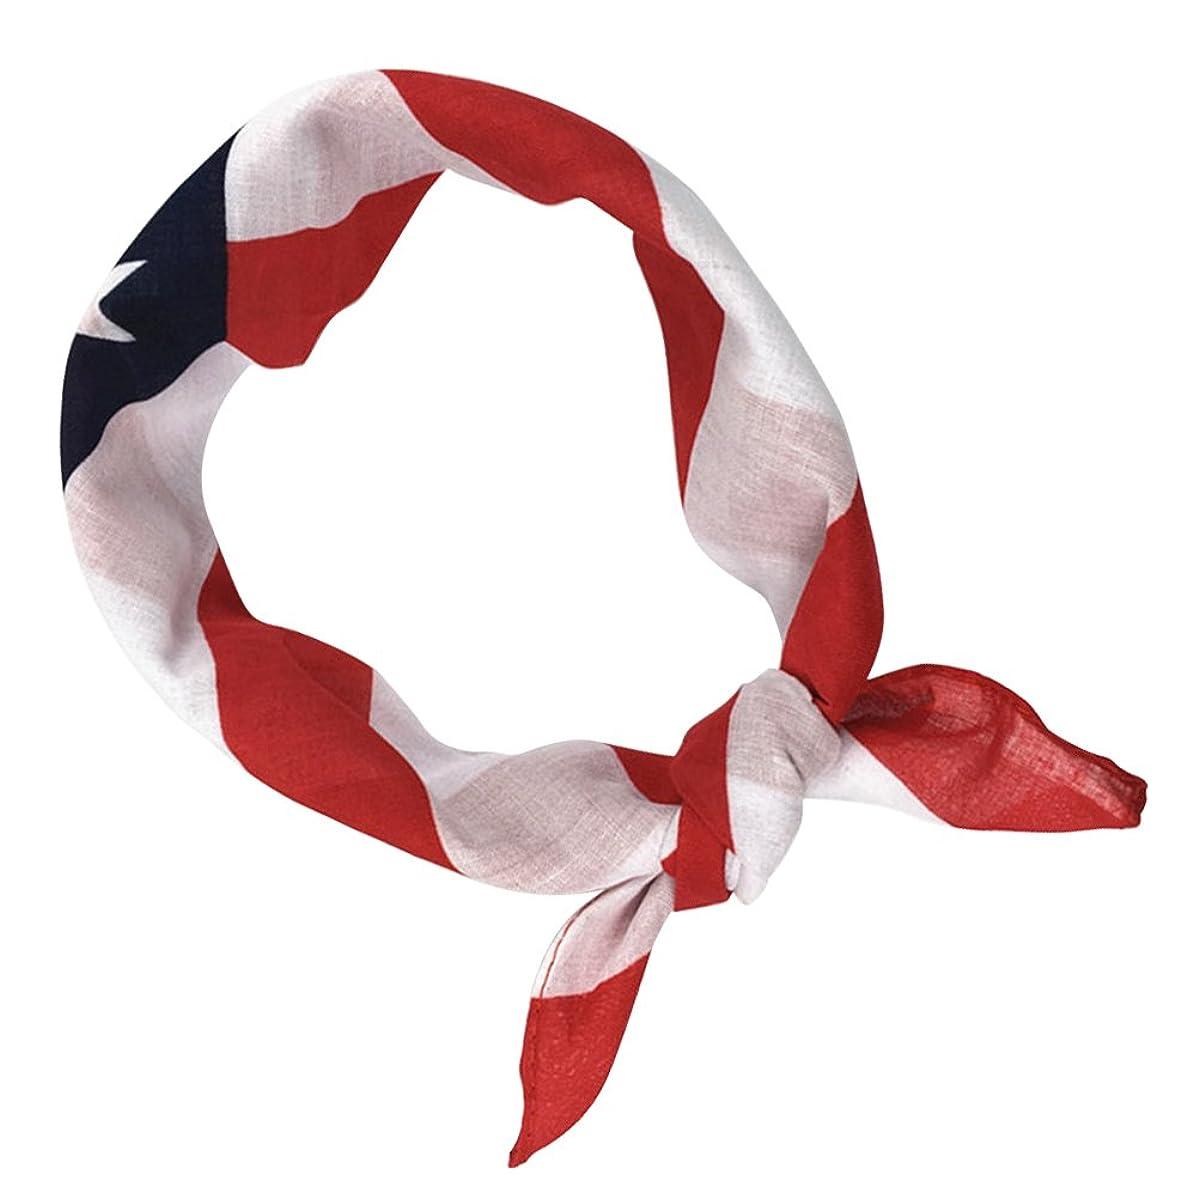 教授ジョージハンブリー習慣BESTOYARD 愛国心のヘッドバンド7月4日の頭巾ケーキの国旗髪バンド布スカーフのための独立記念日